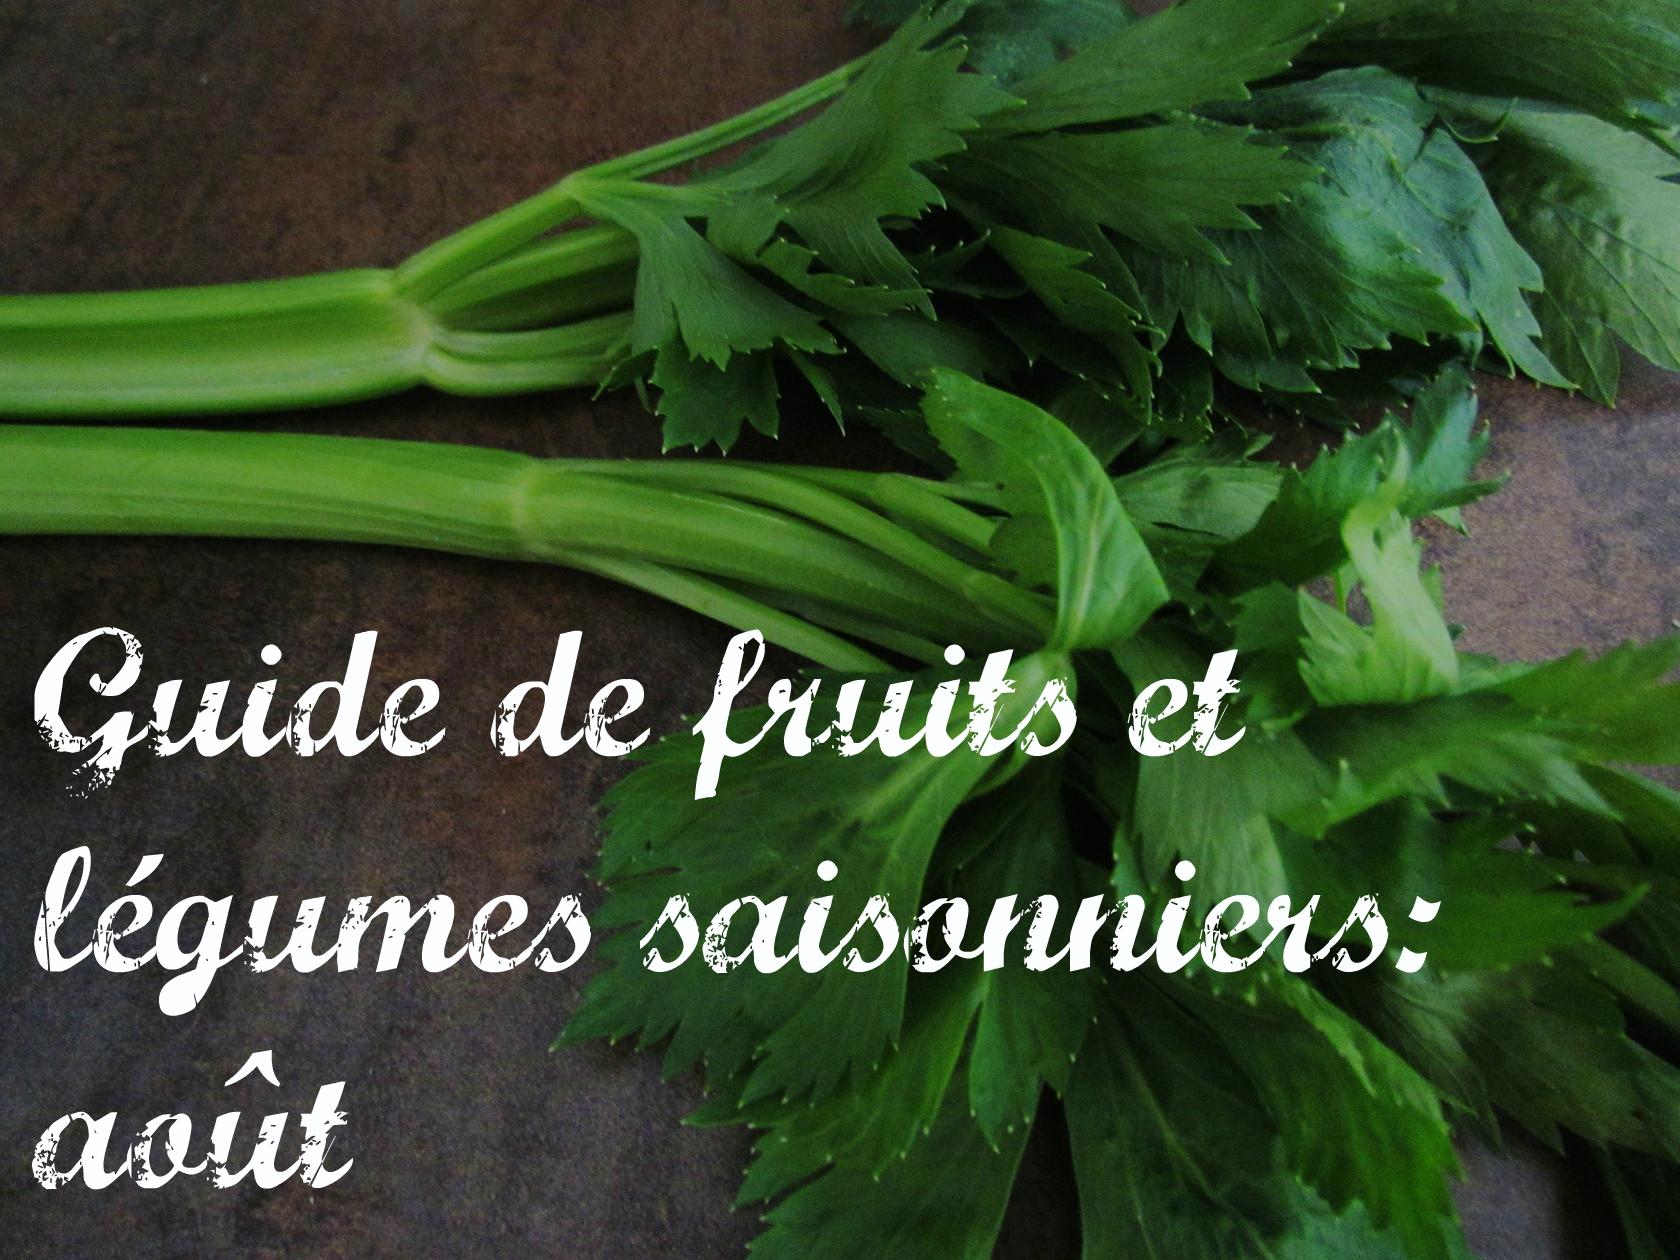 guide de fruits et légumes saisonniers: août